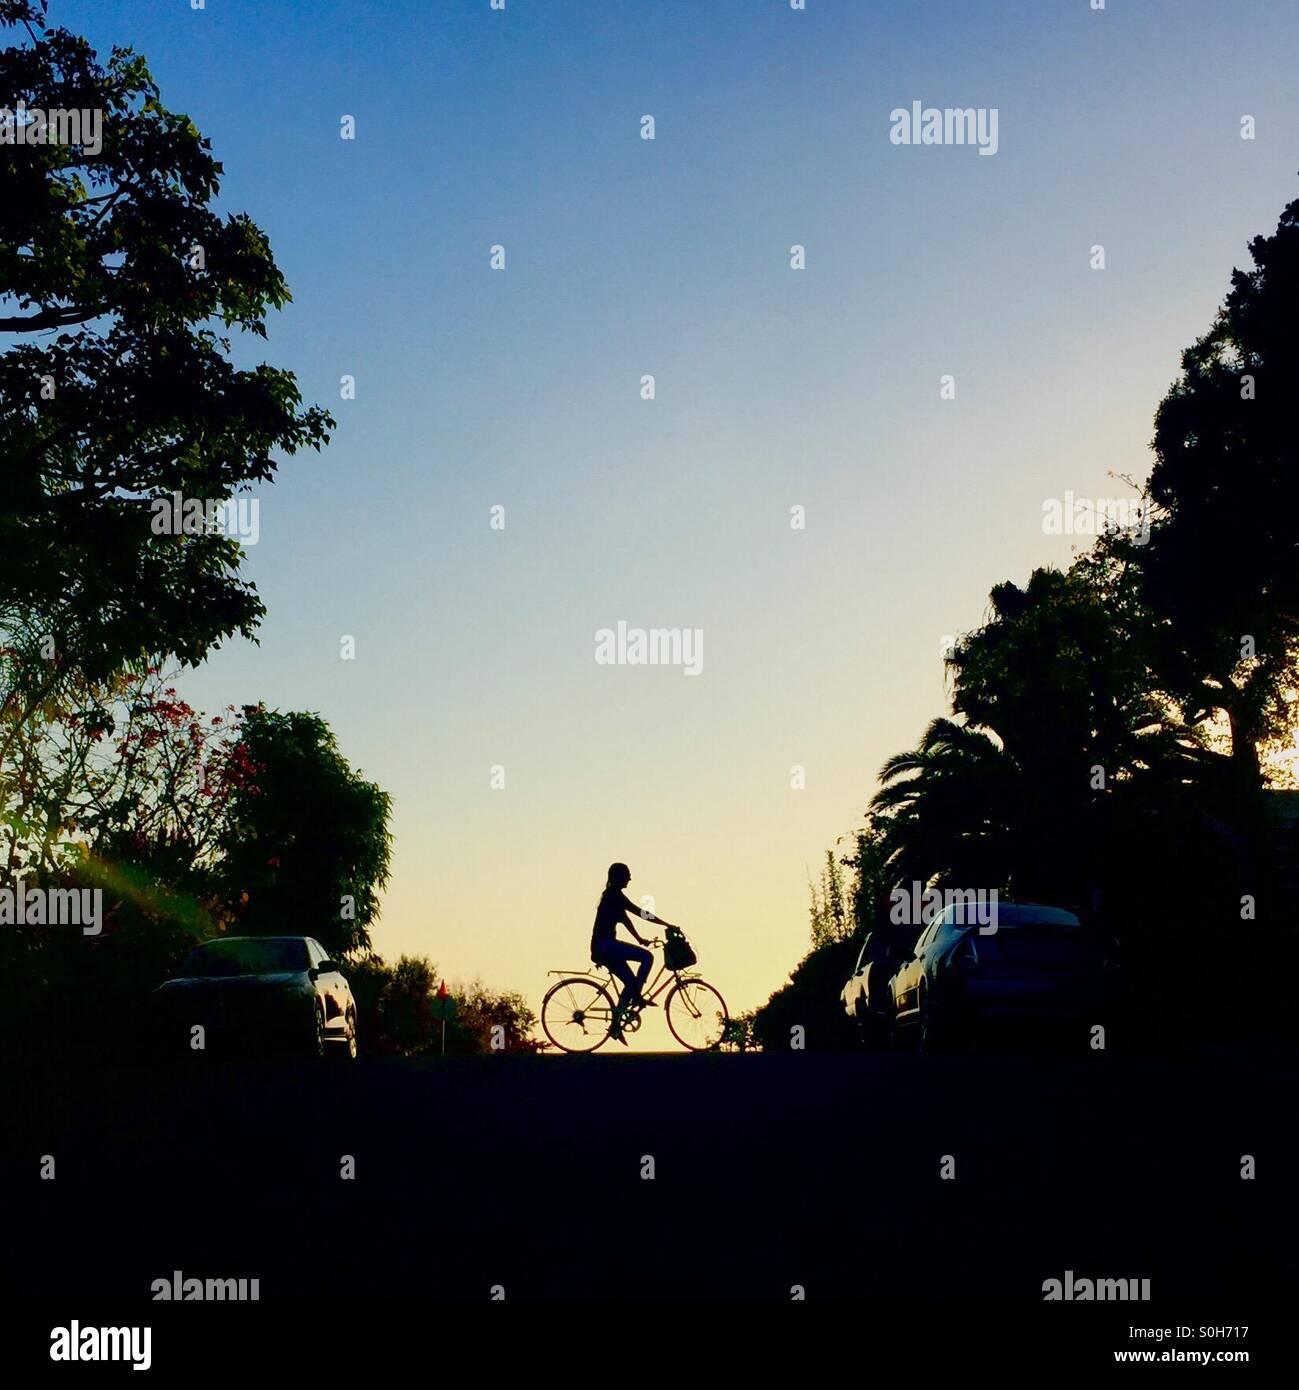 Silhouette di una ragazza in sella a una moto Immagini Stock